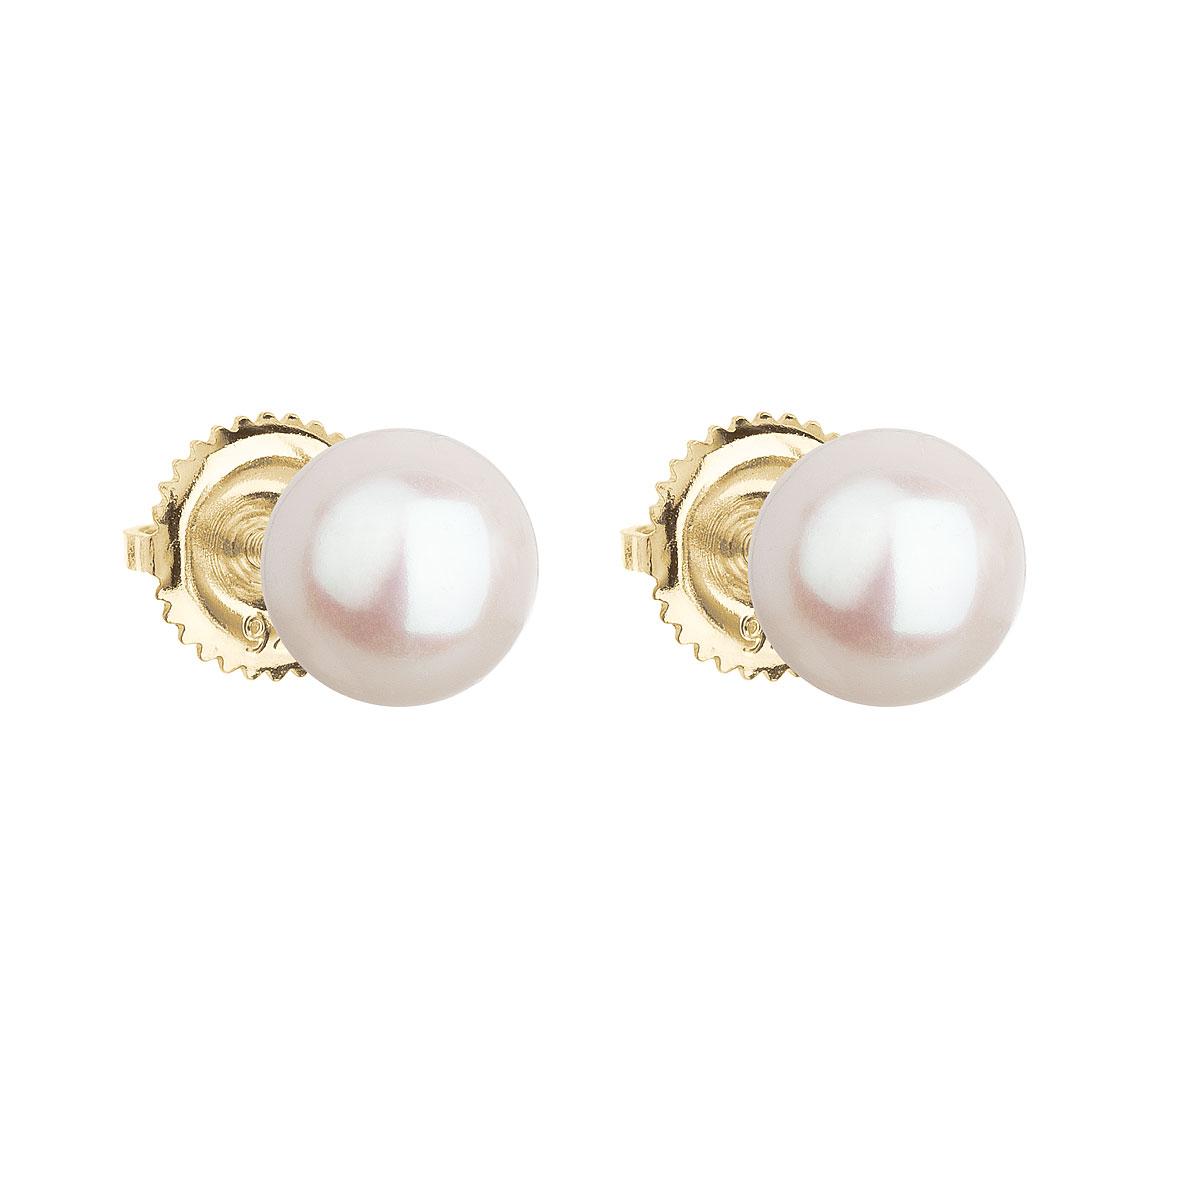 Evolution Group Zlaté 14 karátové náušnice pecky s bílou říční perlou 921004.1